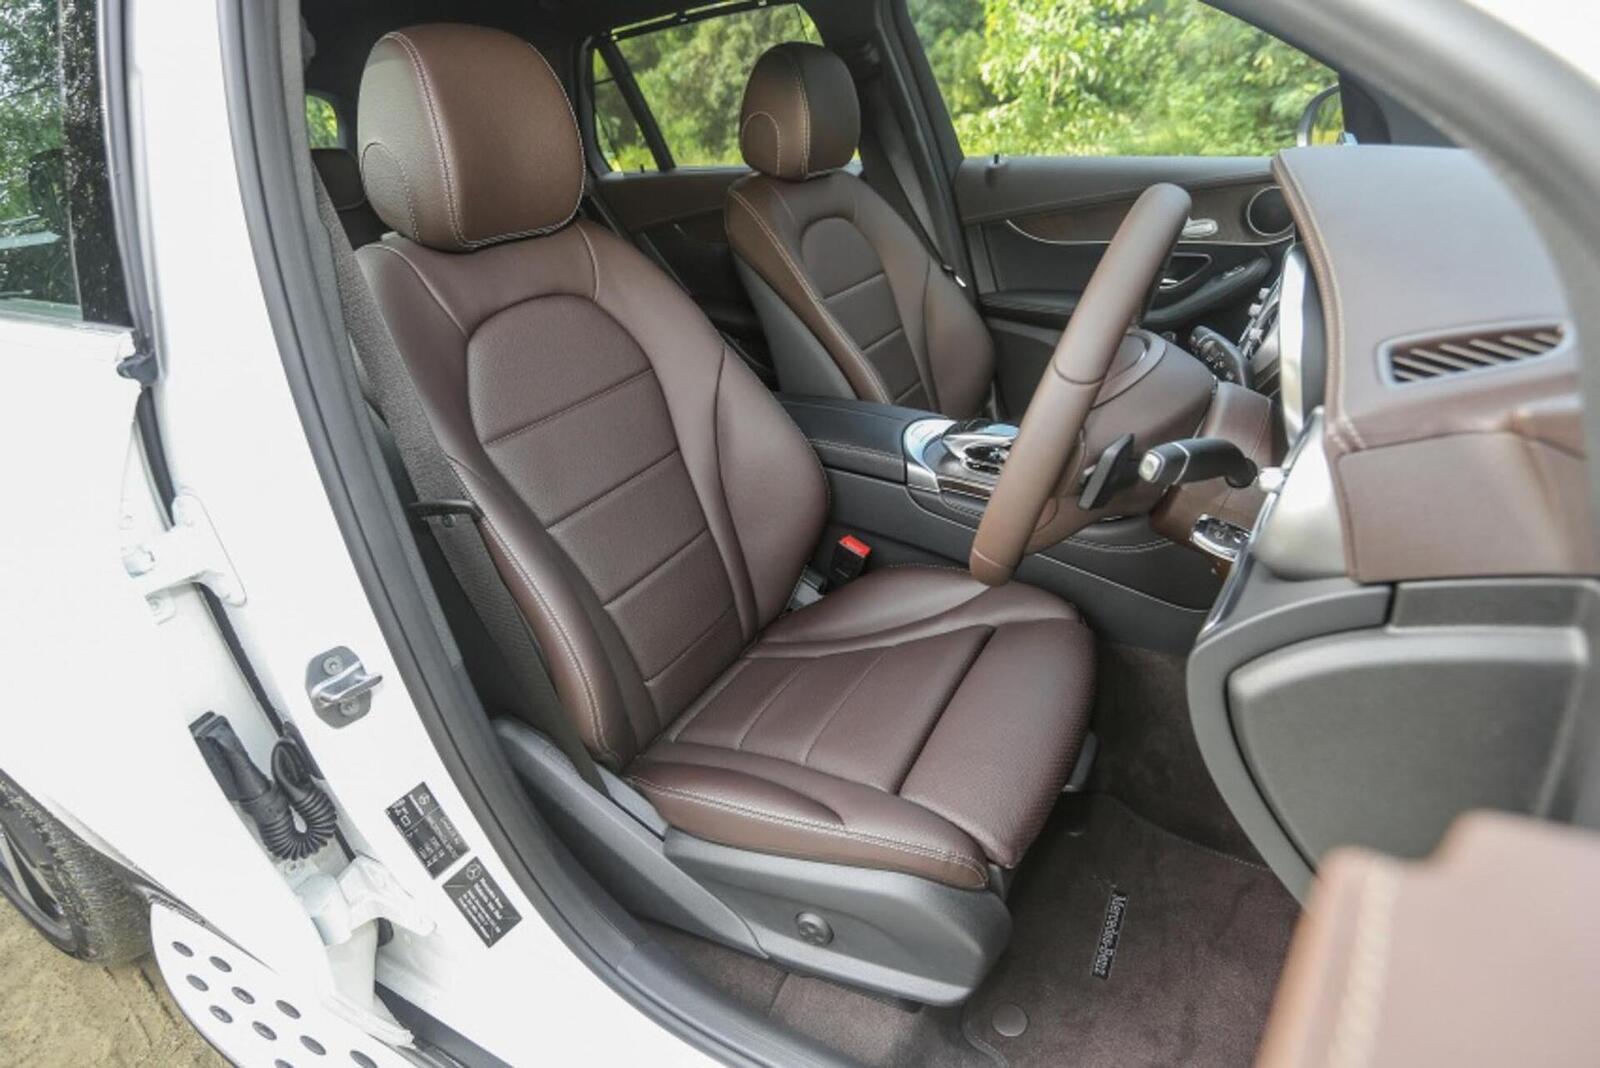 Mercedes-Benz GLC 200 có thể sẽ về Việt Nam với giá rẻ hơn - Hình 15